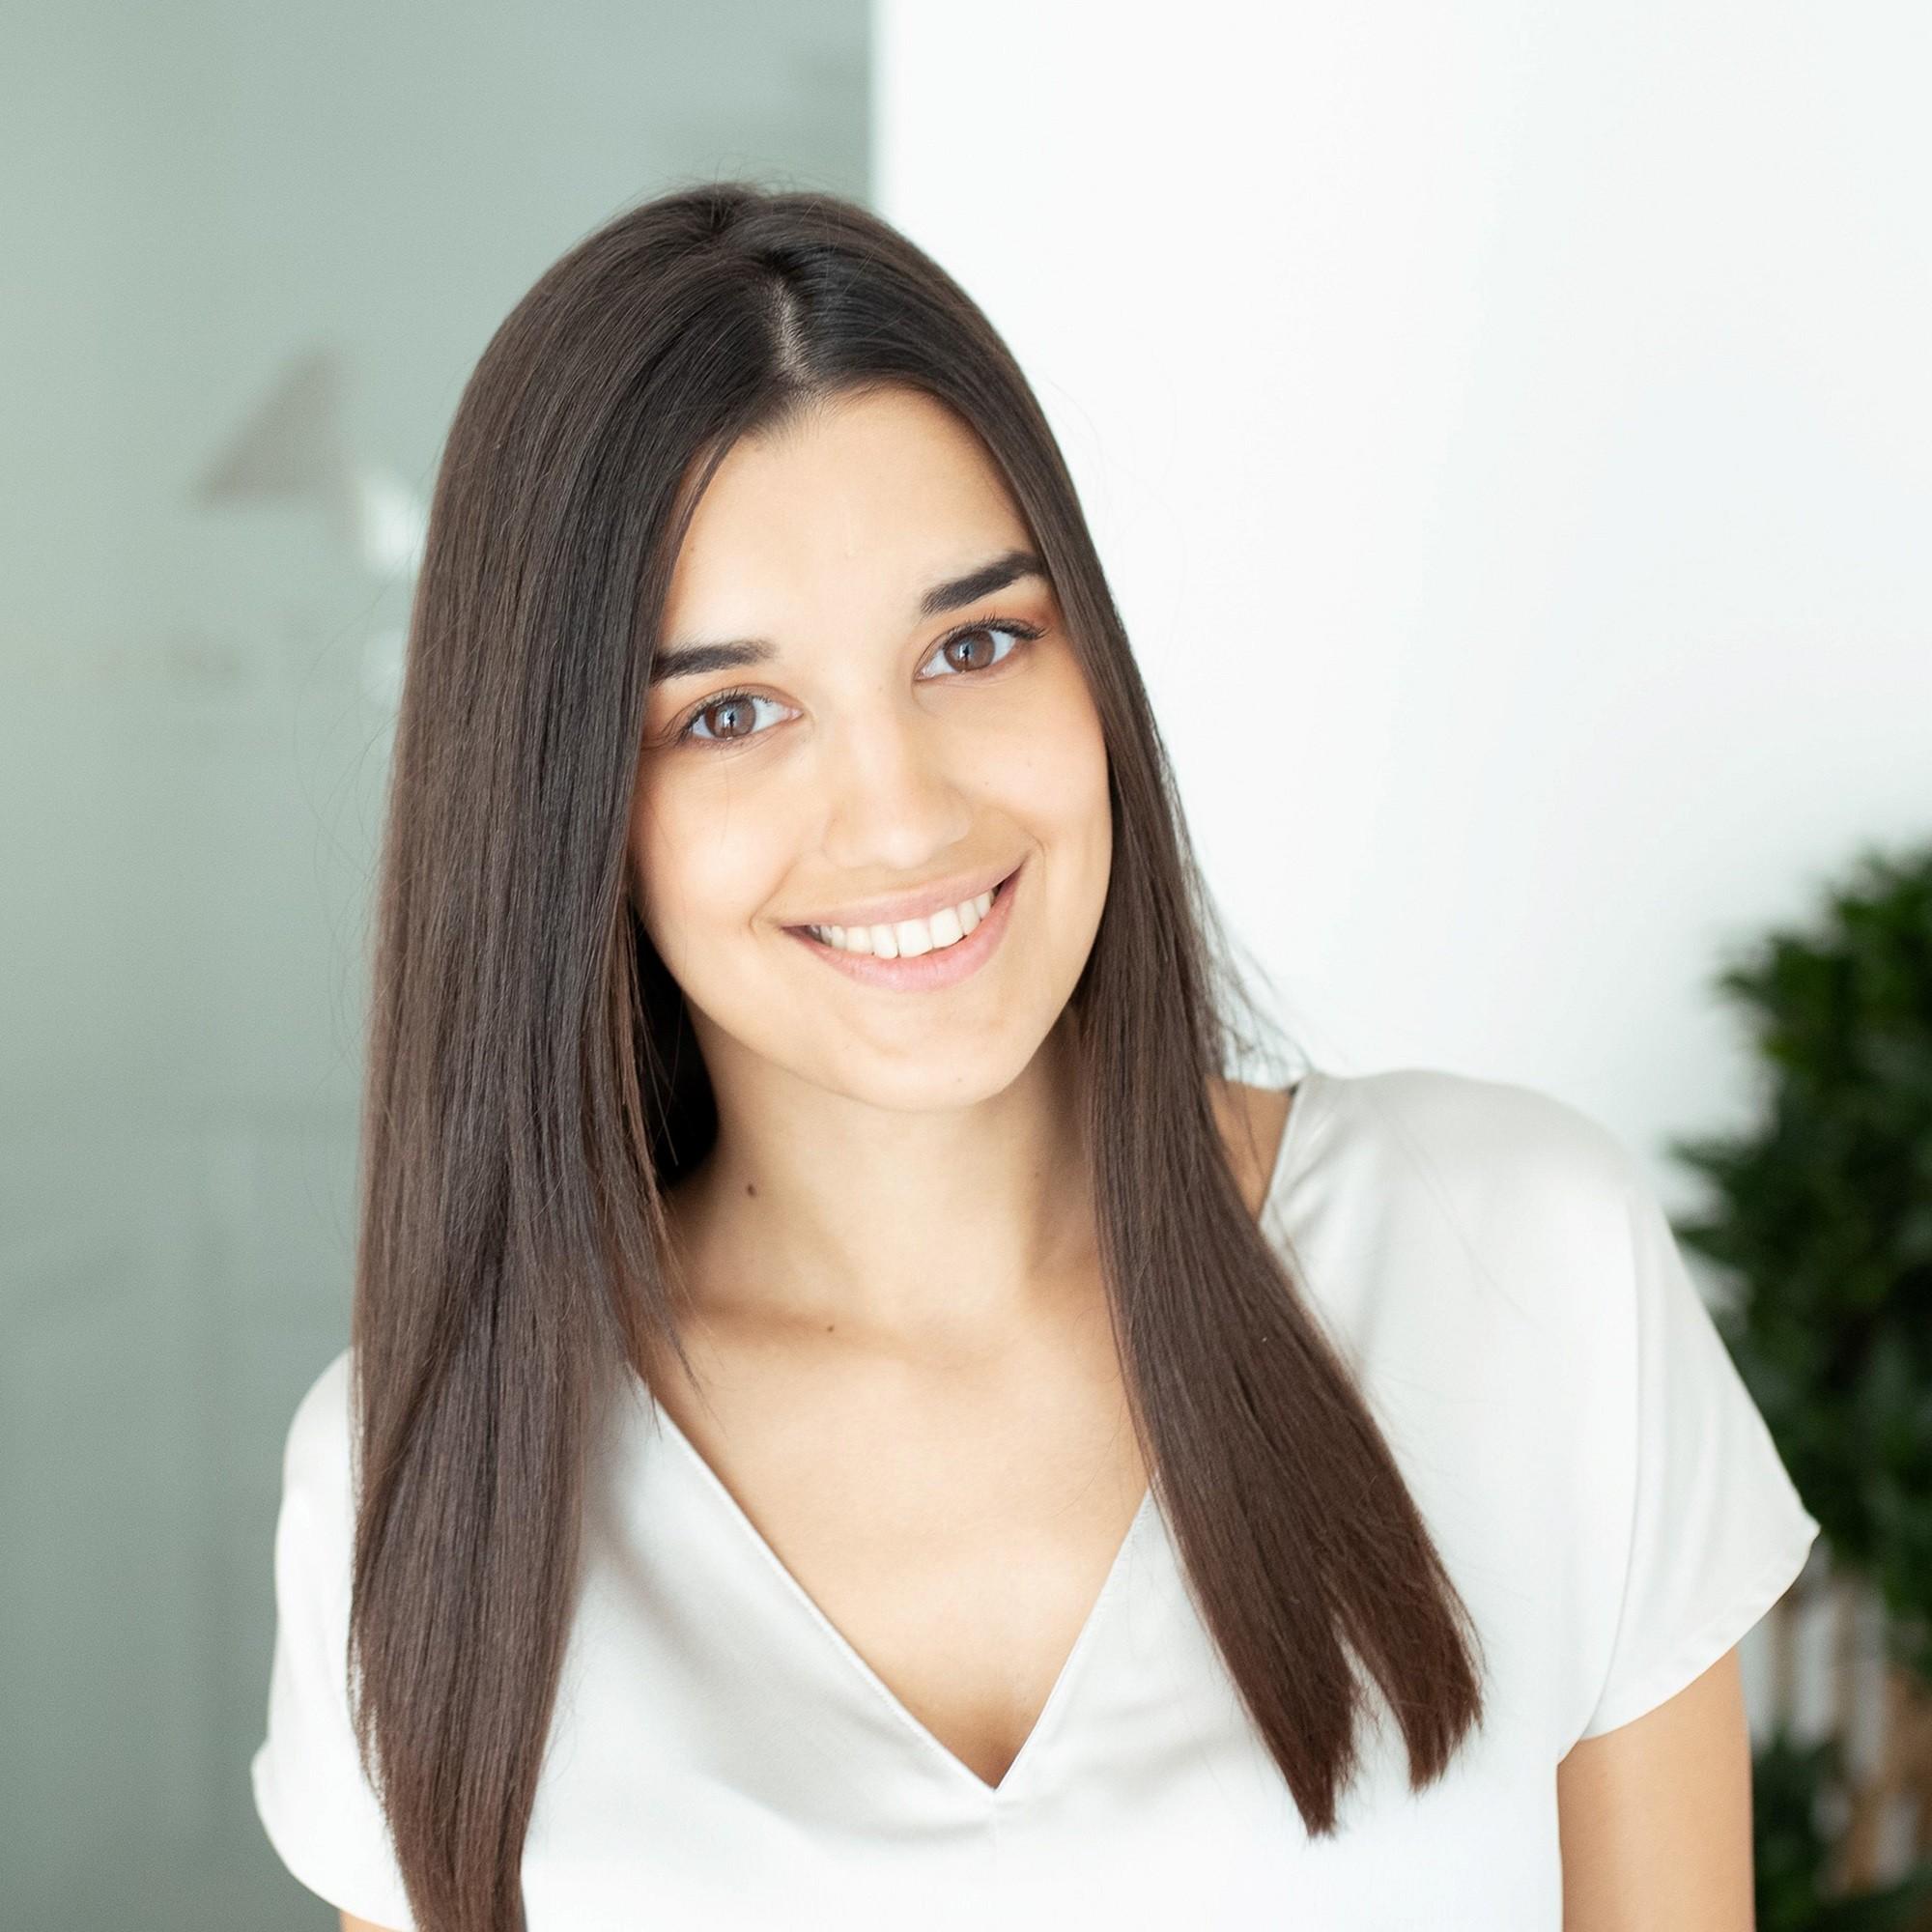 Marina Kvrgić